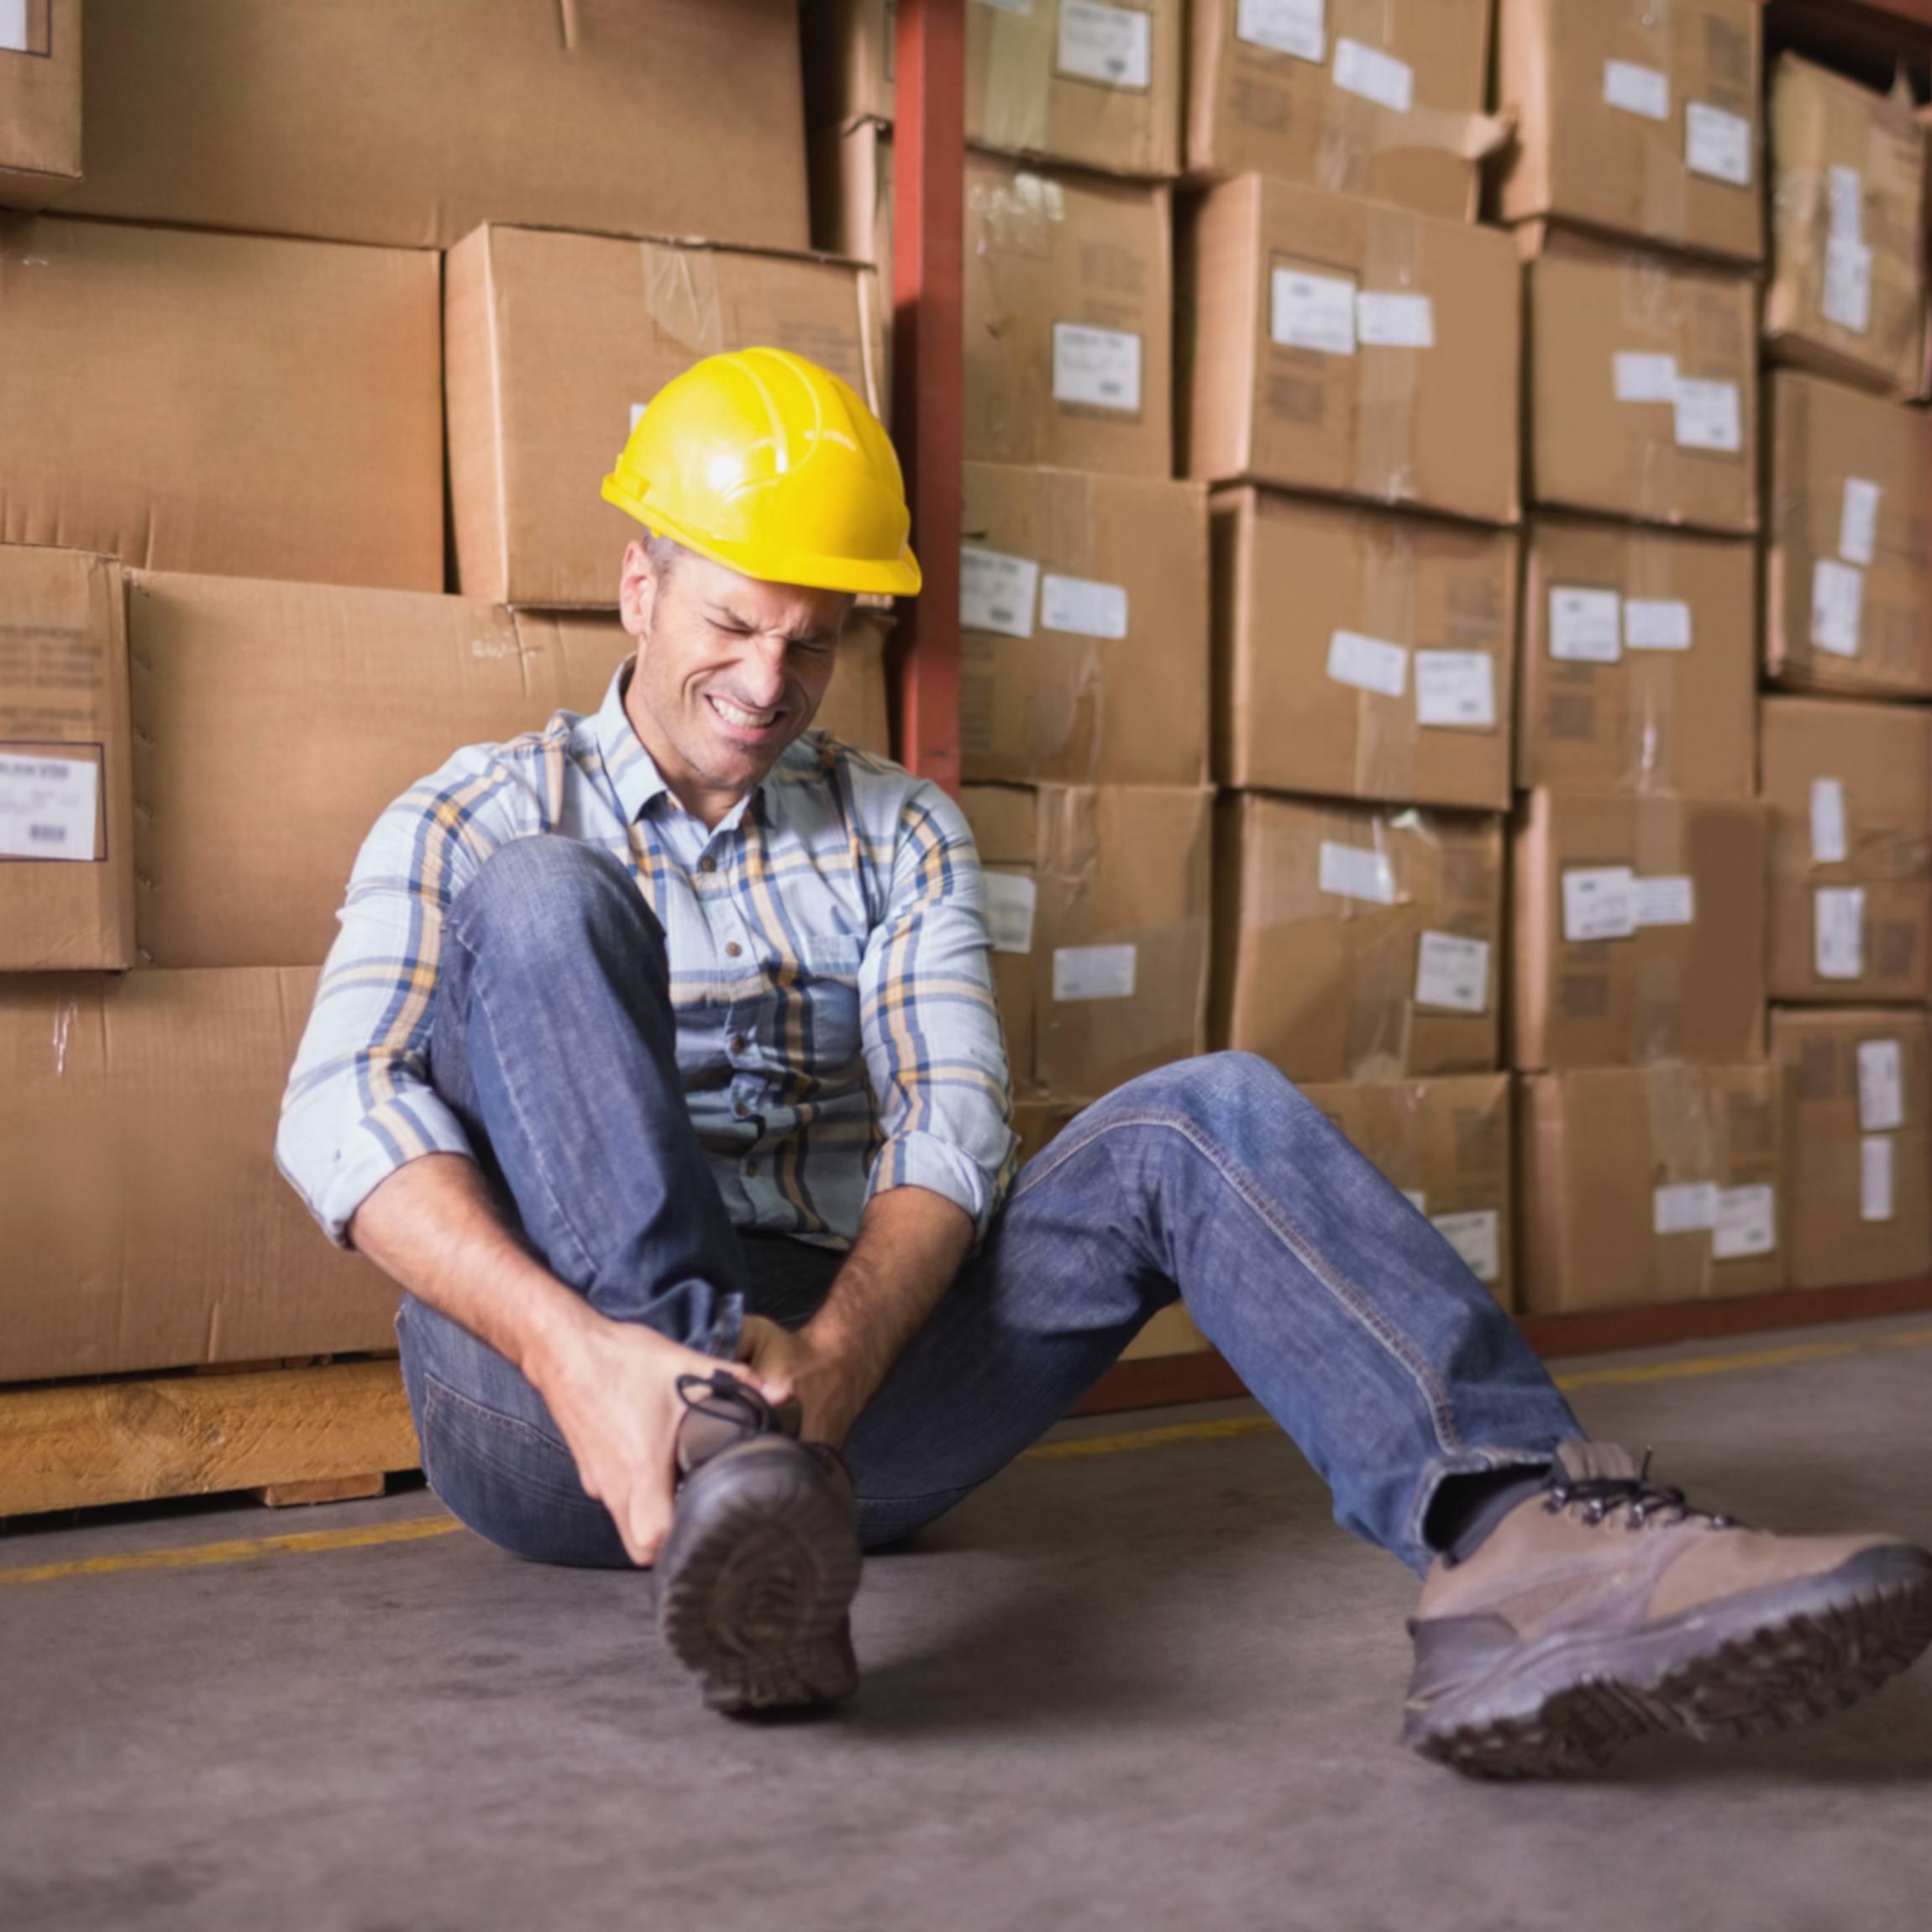 Accident De Travail En Cdd Droits Et Obligations Legalplace